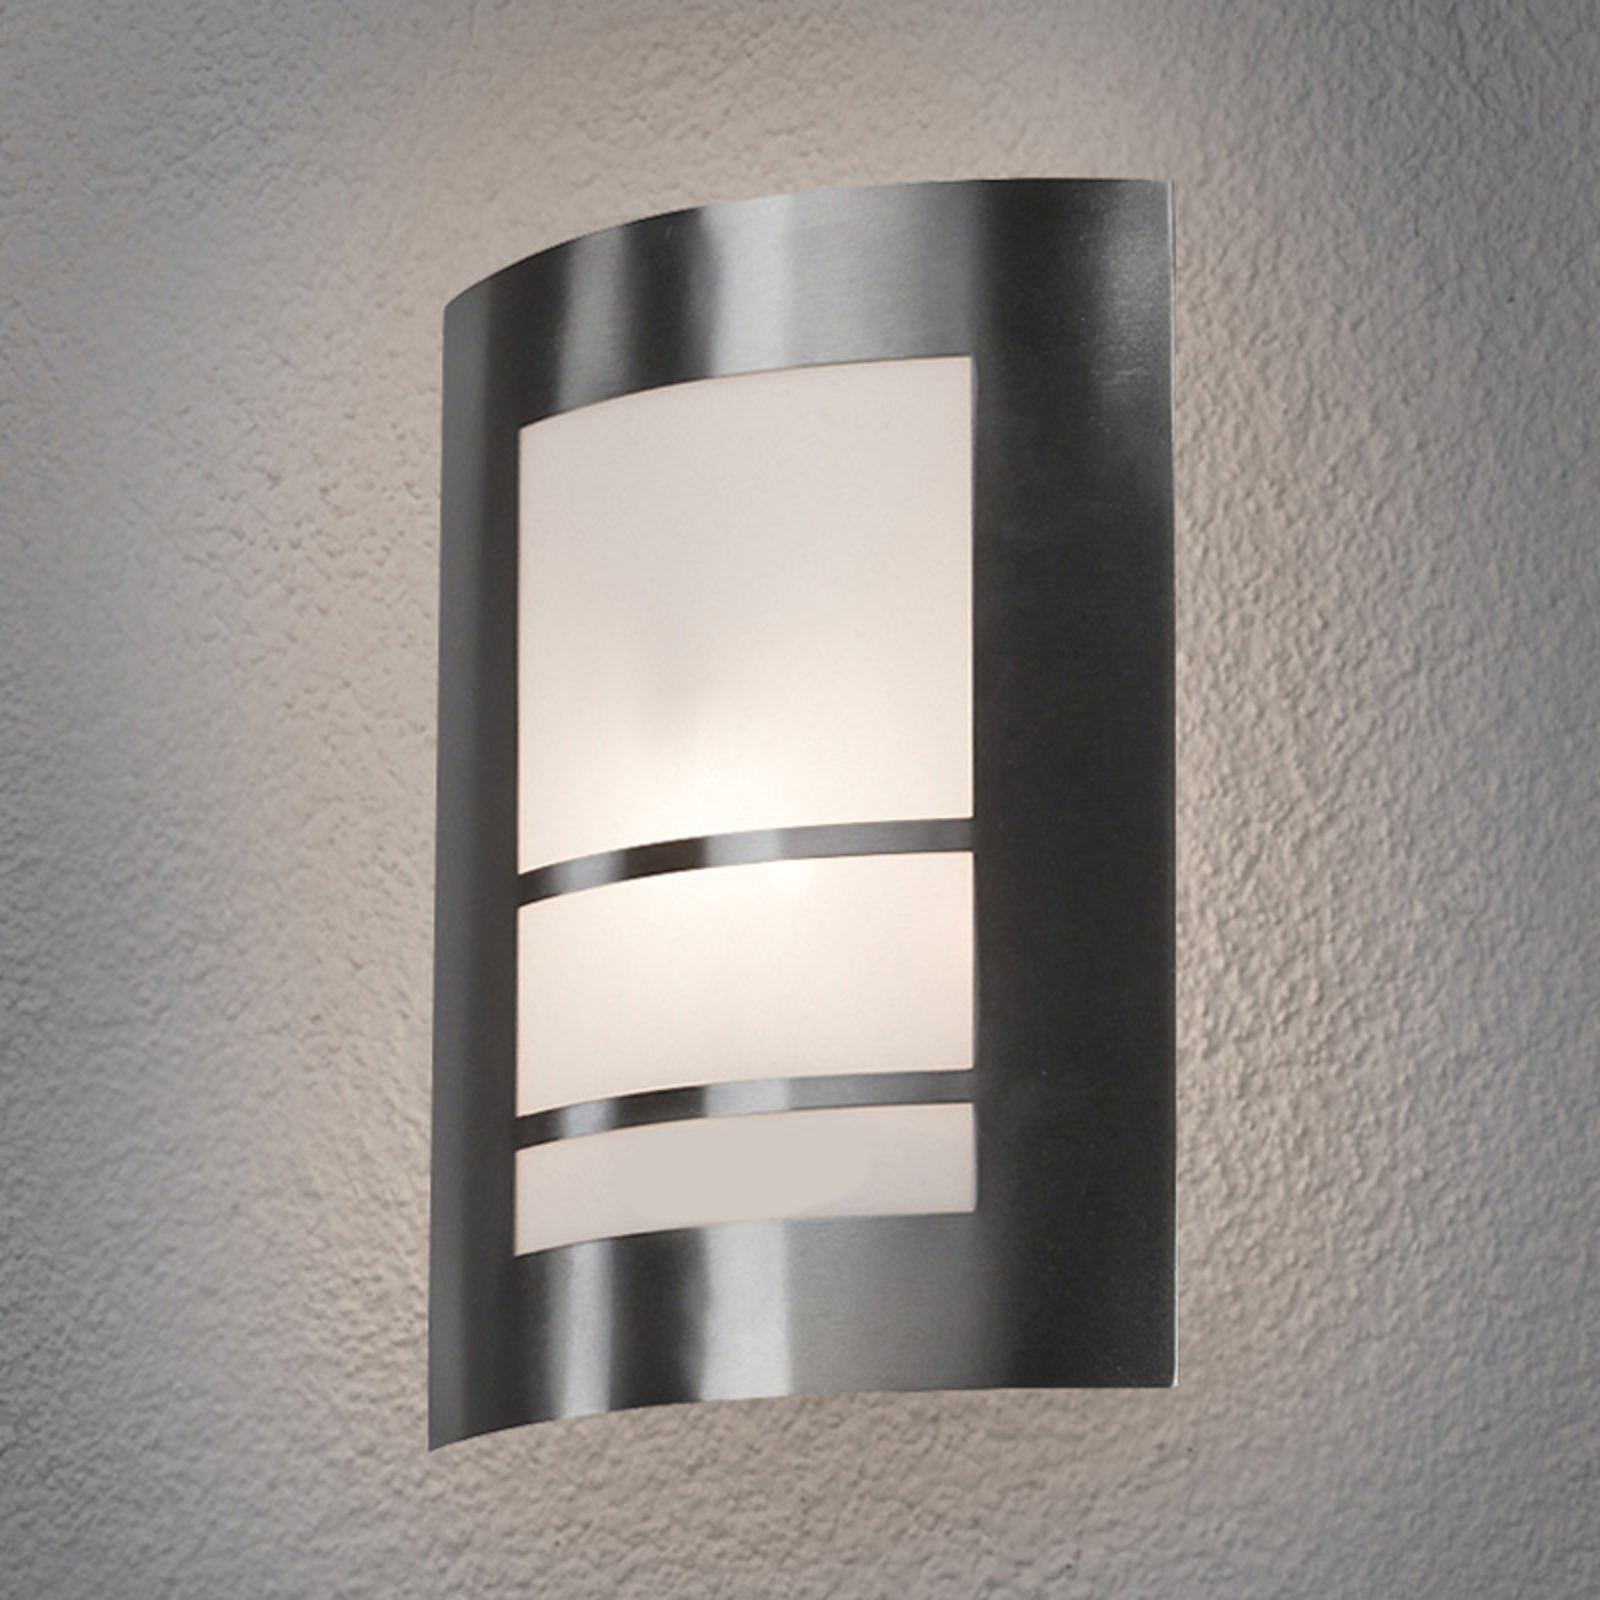 LED-Außenwandleuchte Katalea in Silber